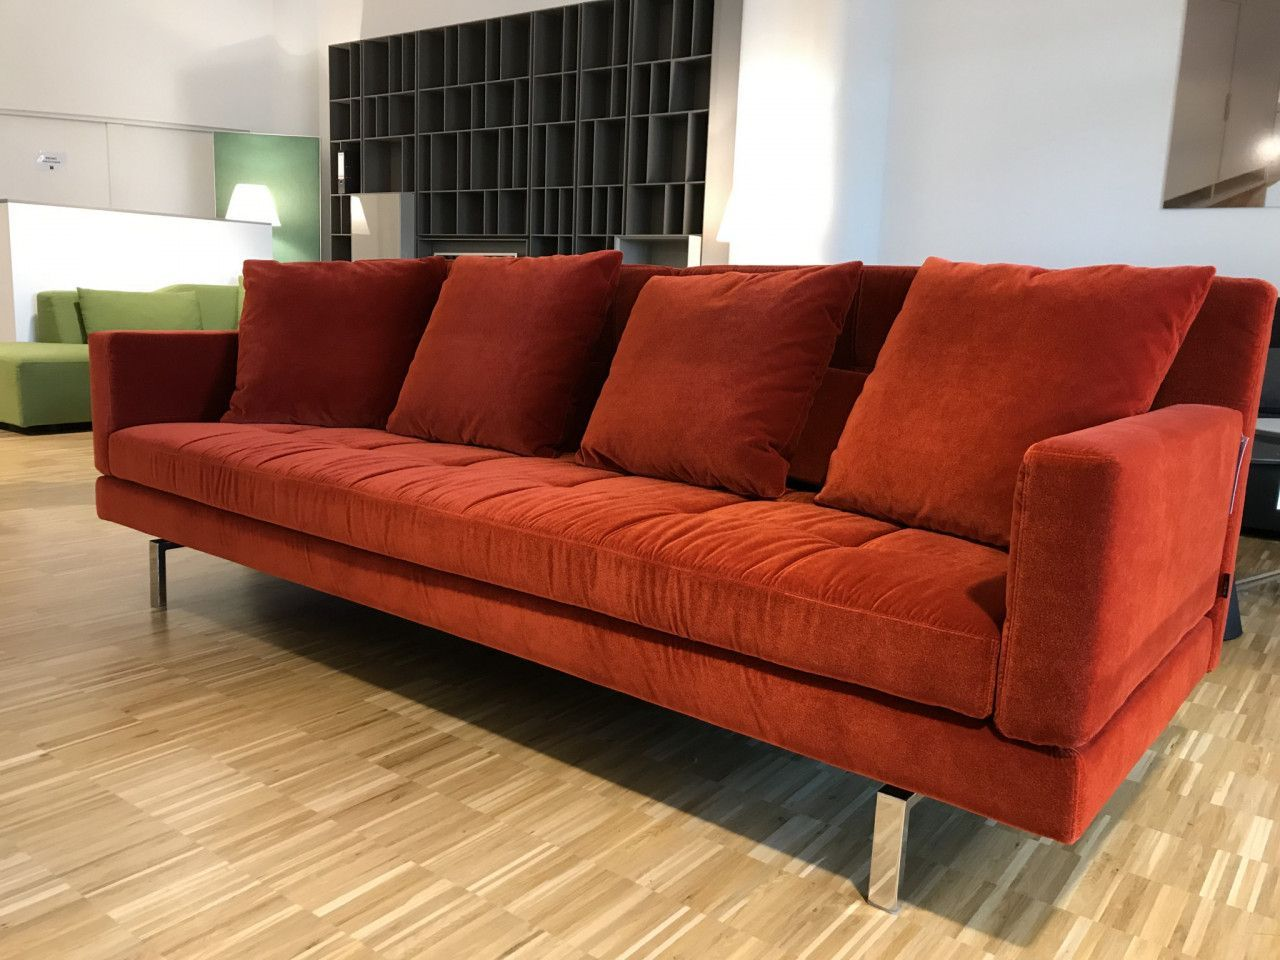 Sofa Amber Von Bruhl Couch Stoff Samt Velours Orange Wohnzimmer Einrichtung Designermobel Interior Interiordes Sofa Gemutliches Sofa Bequeme Sessel